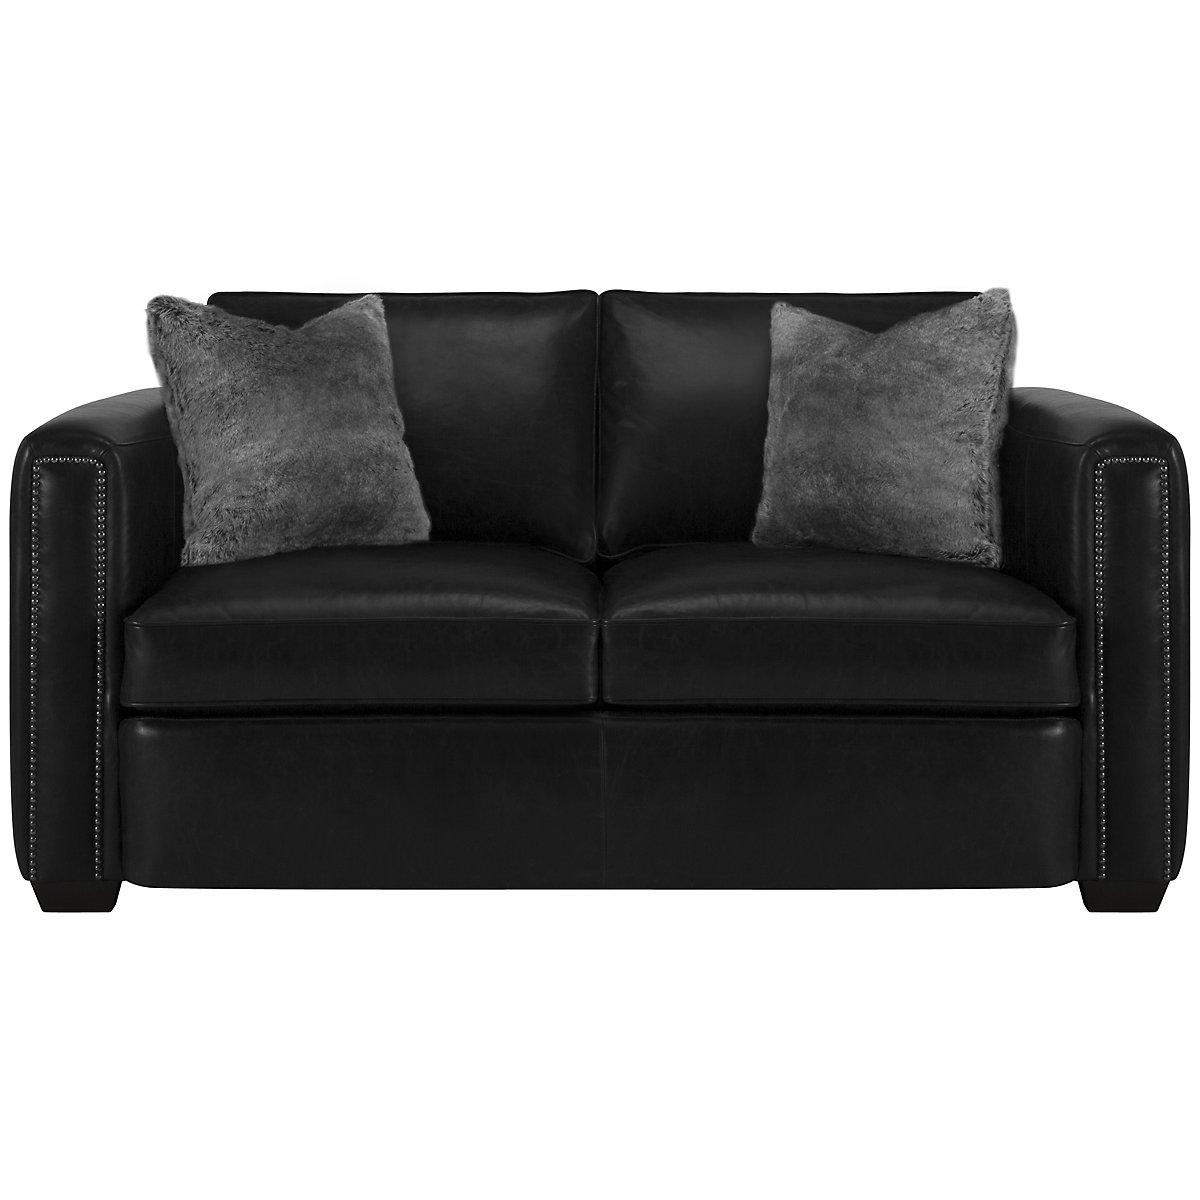 Newburg Dark Gray Leather Loveseat